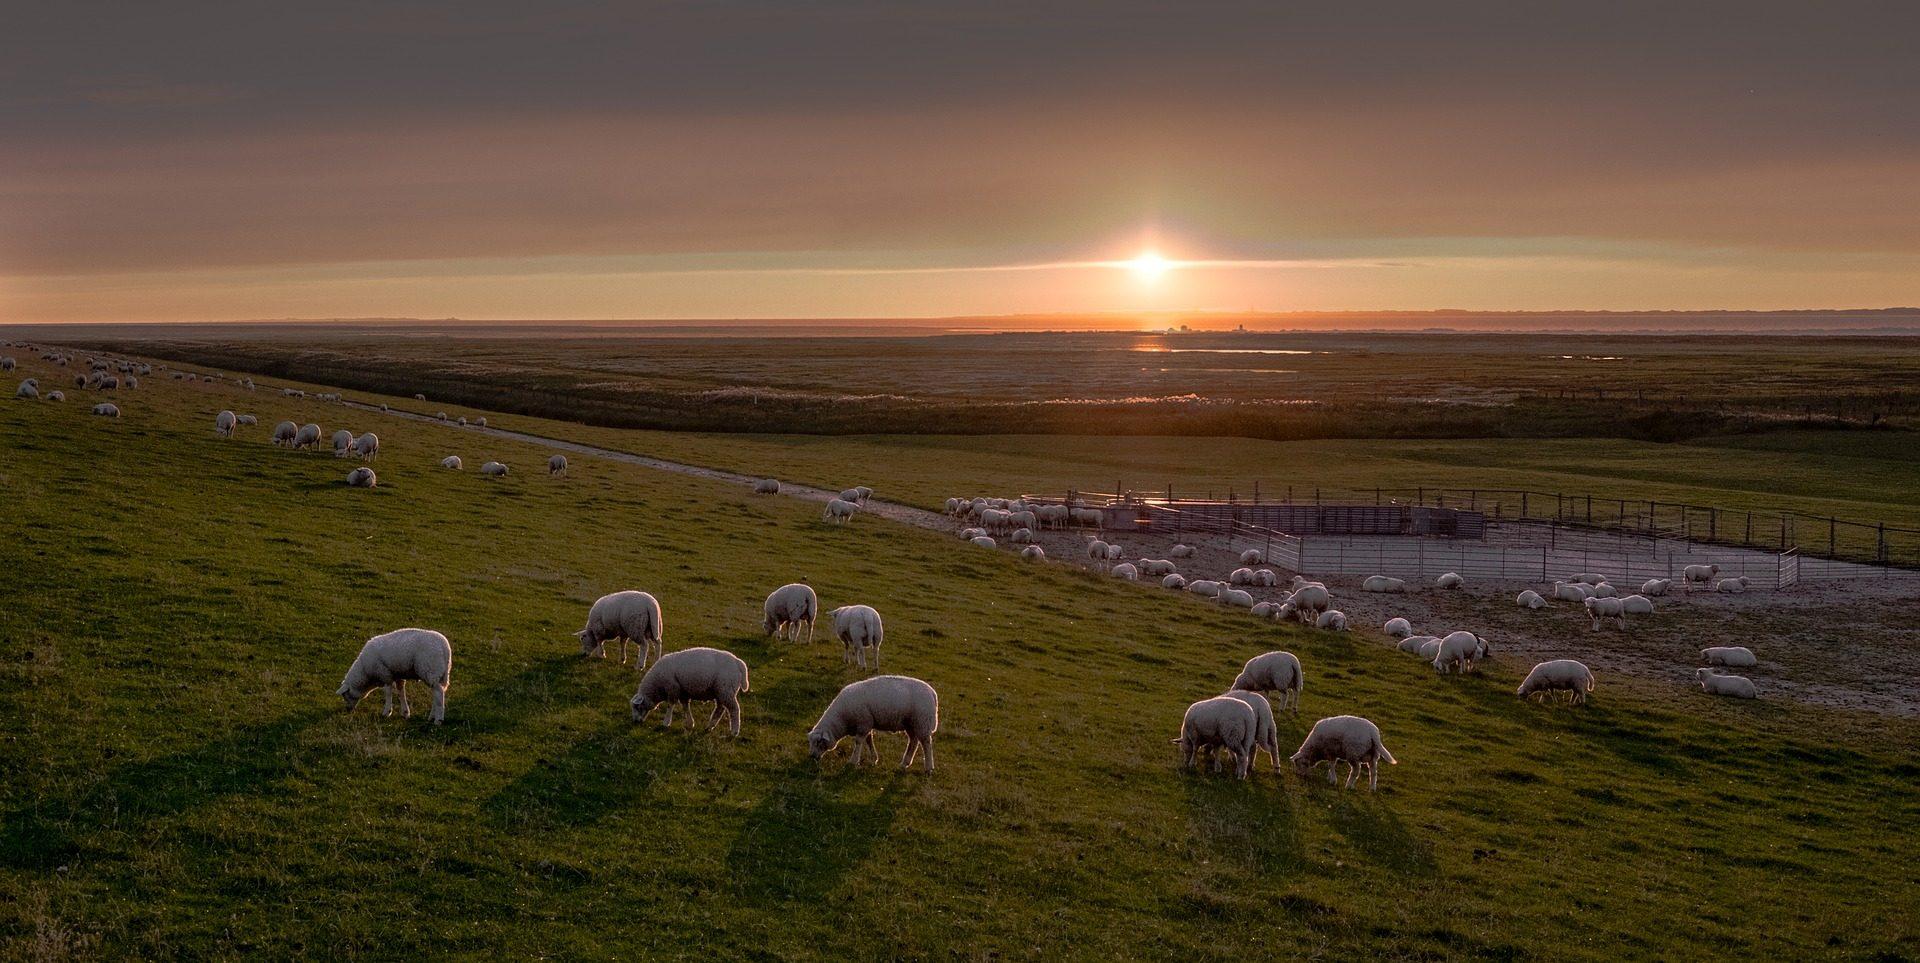 羊, 羊群, 放牧, 牲畜, 普拉多, 太阳, 日落 - 高清壁纸 - 教授-falken.com